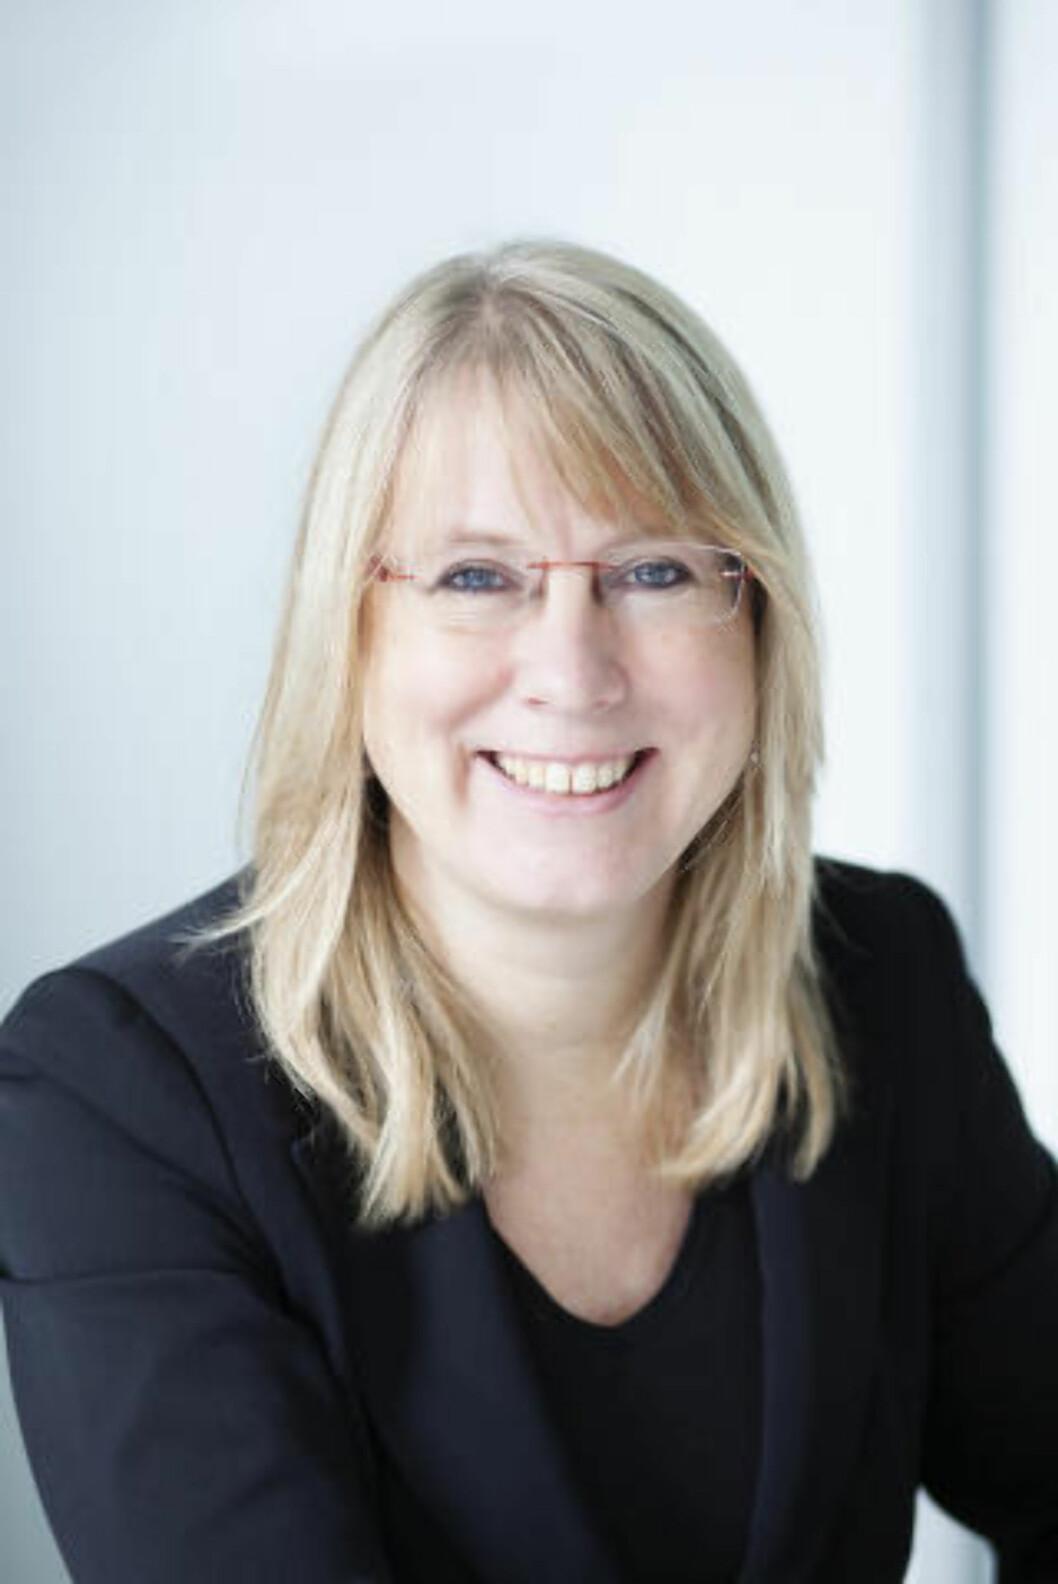 <strong>REAGERTE:</strong> Advokat Cathrine Møller Faaberg. Foto: Advokatfirmaet Hjort